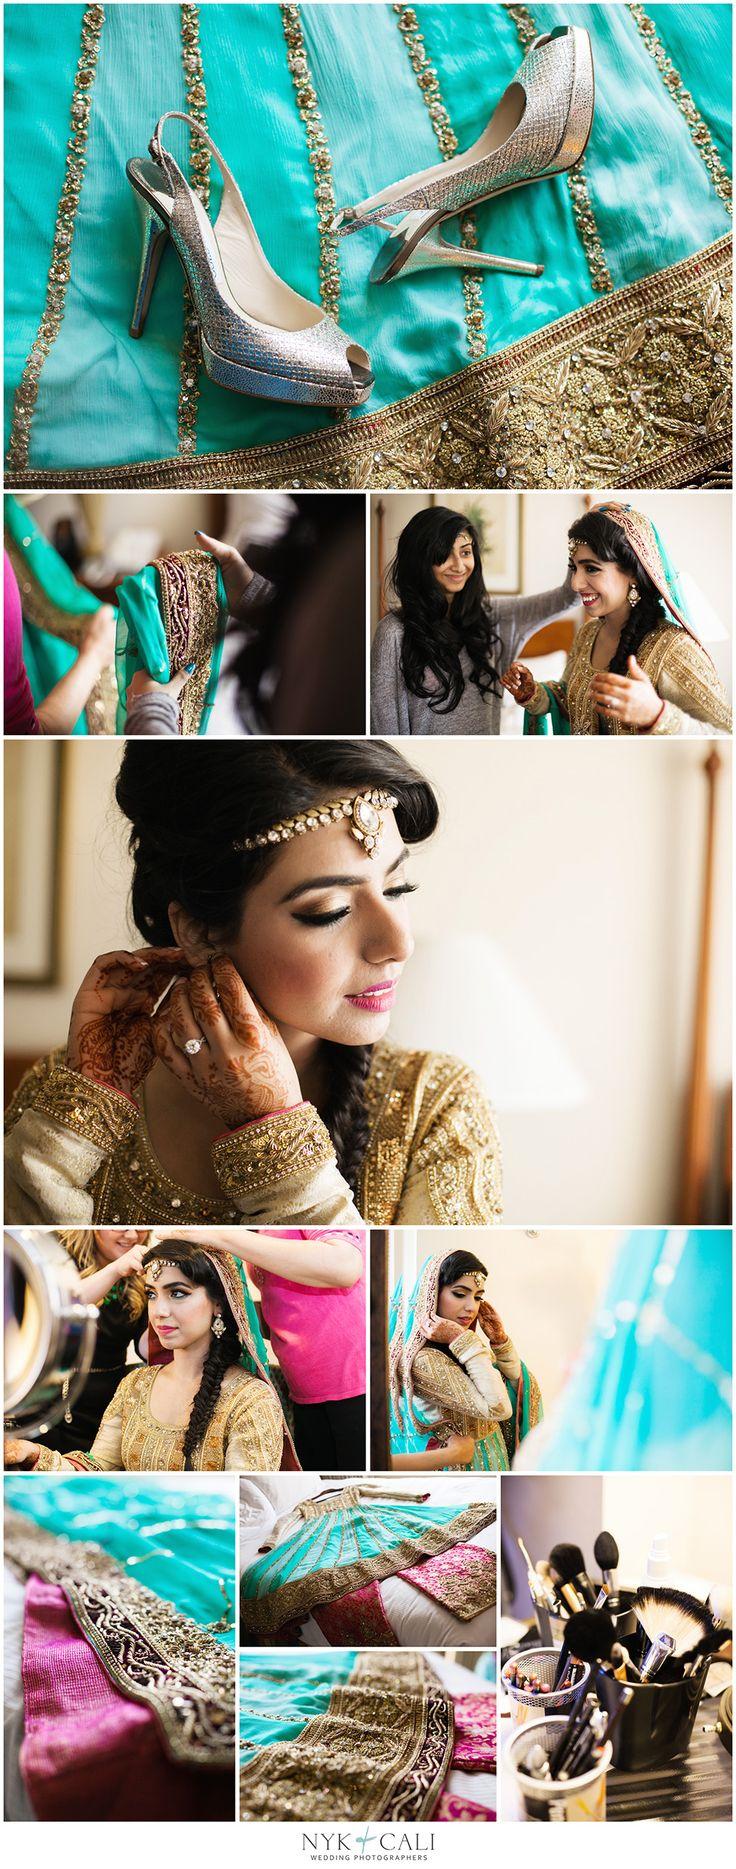 Nyk + Cali, Wedding Photographers | Nashville, TN | South Asian Wedding Photography | Pakistani | Mehndi | Celebration | Downtown Hilton Hotel | Hindu Ceremony